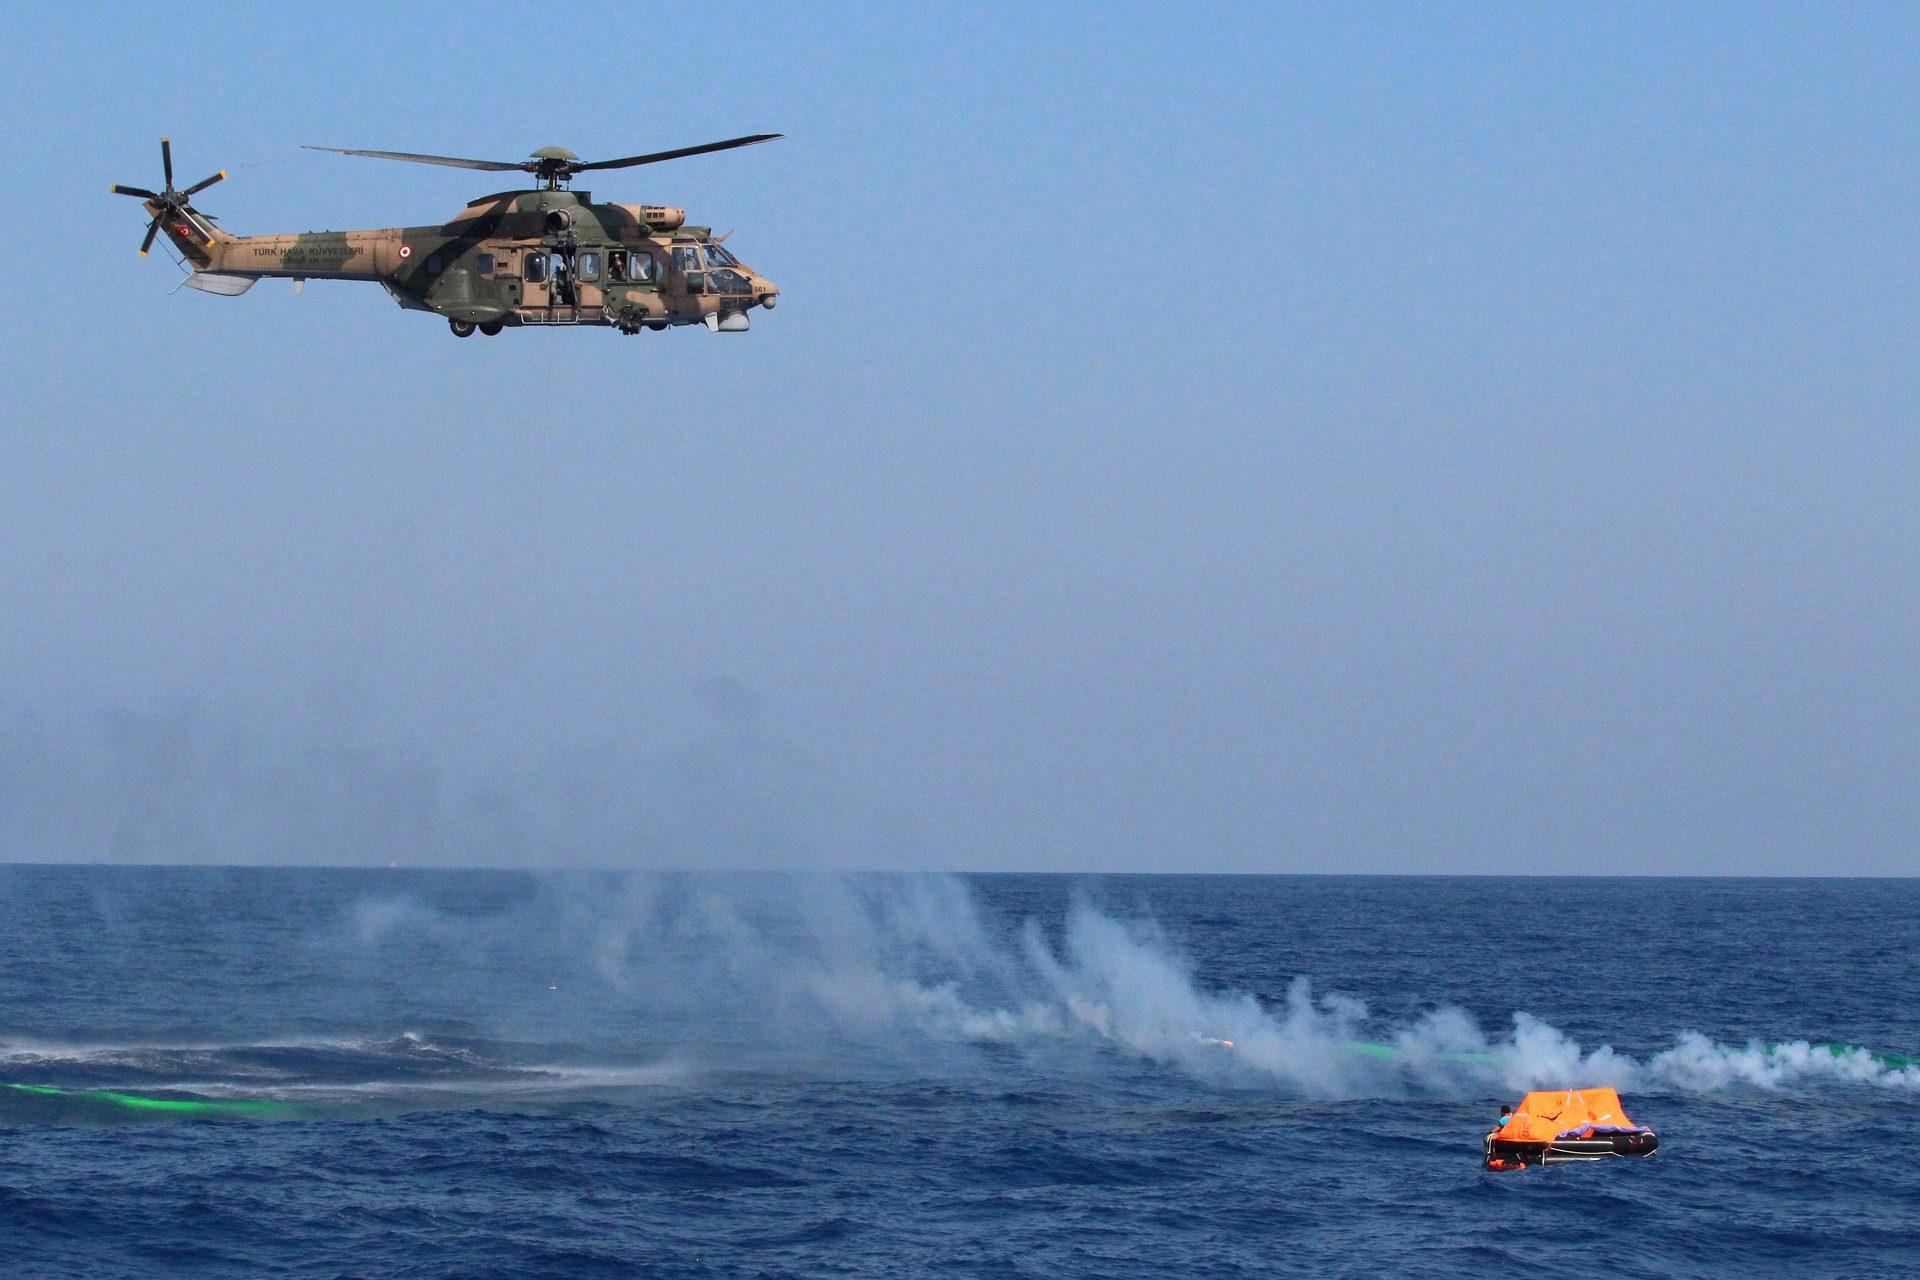 طائرة هليكوبتر, salvamento, الإنقاذ, الانجراف, البحر - خلفيات عالية الدقة - أستاذ falken.com